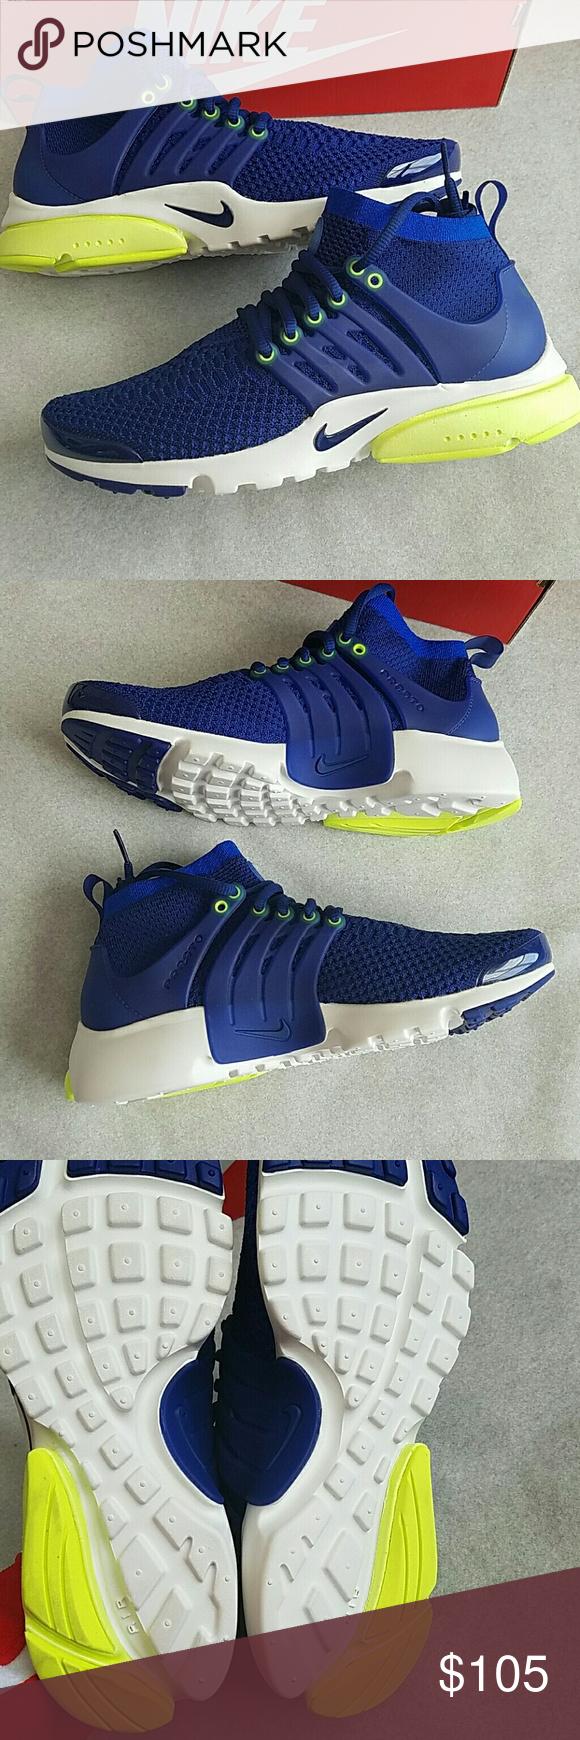 f7c2a618c3a8 Nike Air Presto Flyknit Ultra NWT Women s size 8. Deep royal blue